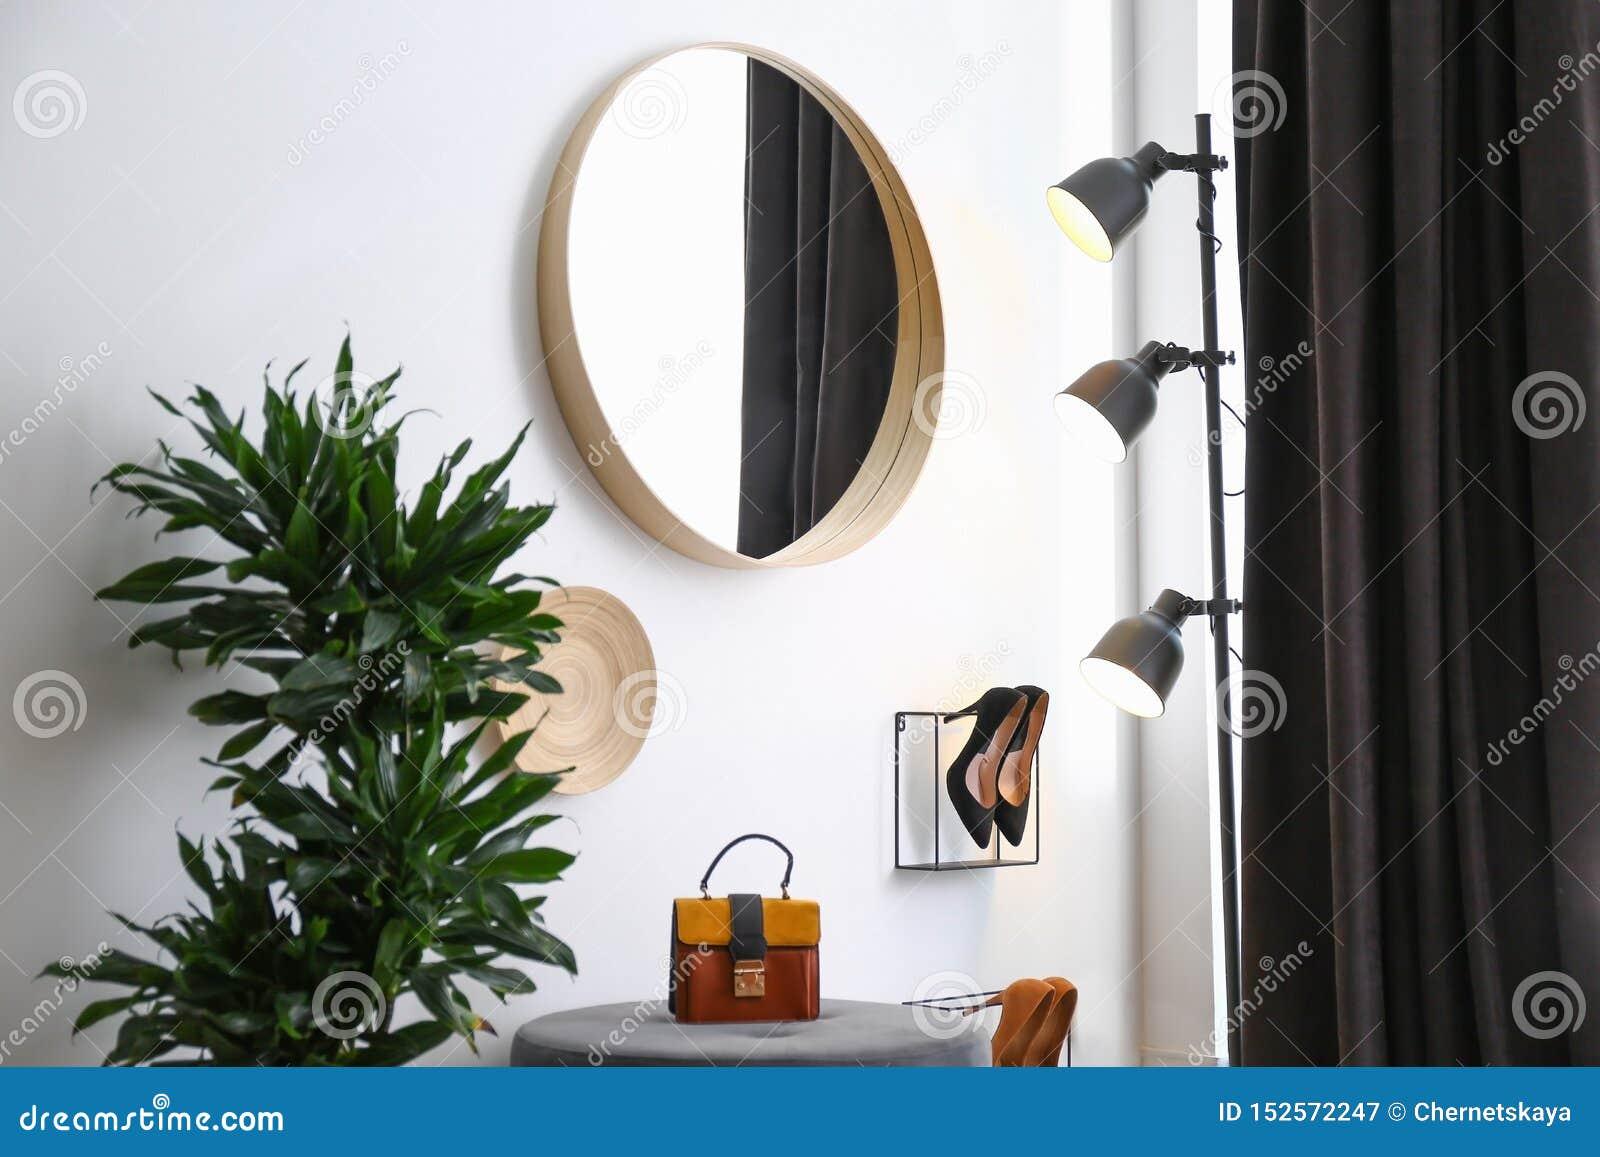 Stor rund spegel, houseplant och dekor nära den vita väggen i hall